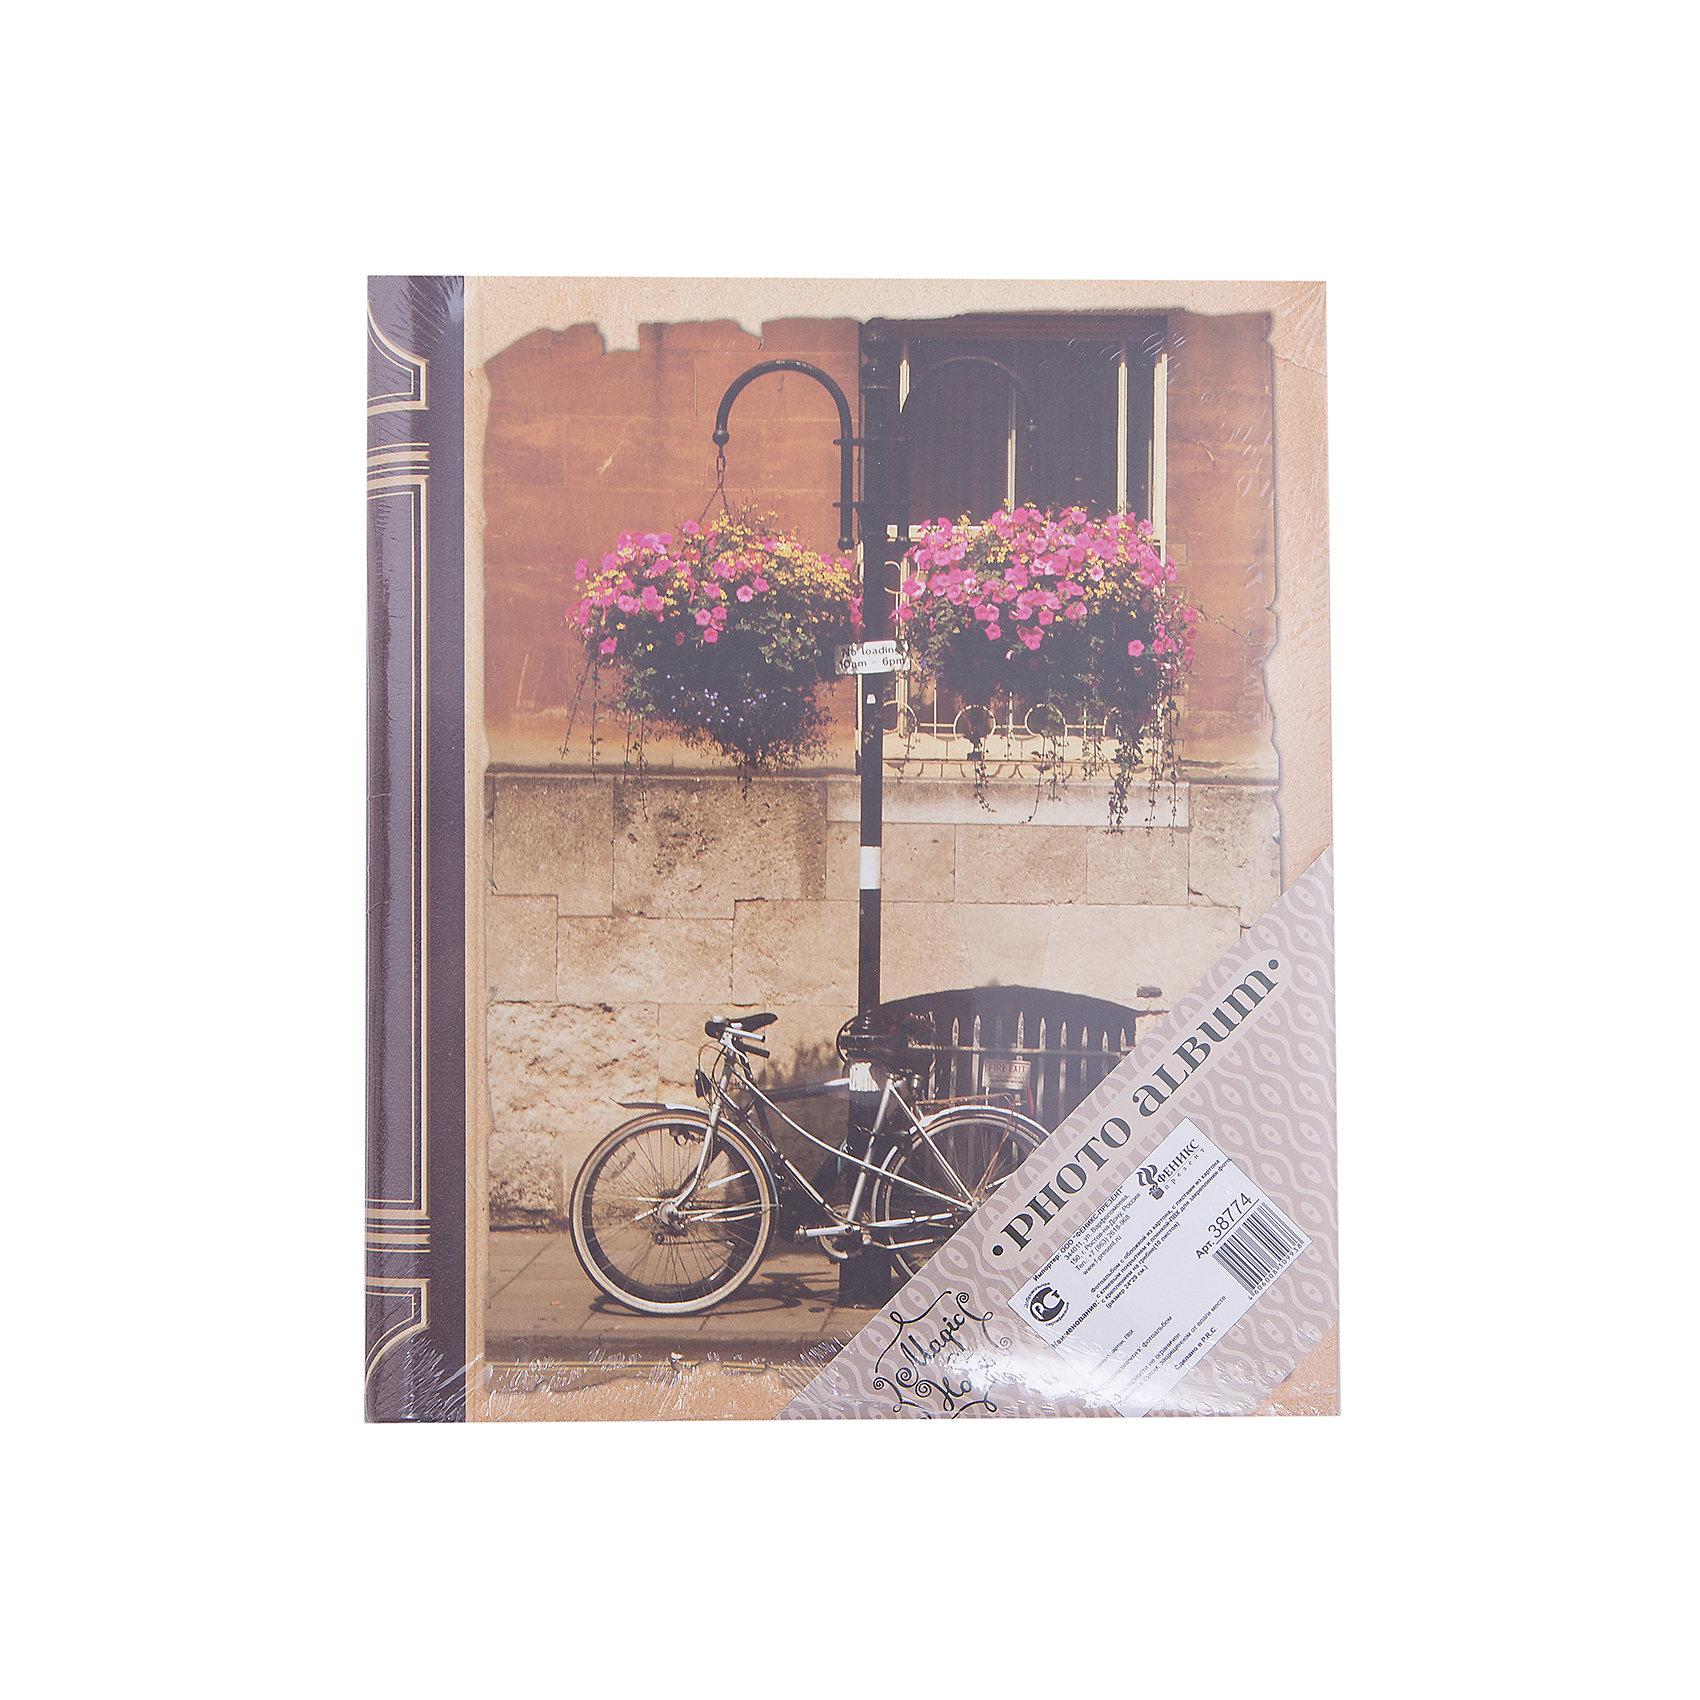 Фотоальбом Велосипед 10 листовСтильный красивый фотоальбом надежно сохранит фотографии, напоминающие о самых необычных и интересных днях, наполненных сильными эмоциями и яркими впечатлениями. Альбом станет прекрасным подарком на любой праздник. <br><br>Дополнительная информация:<br><br>- Материал: картон, ПВХ.<br>- Размер: 24х29 см.<br>- Переплёт: книжный.<br>- 10 листов.<br>- Листы с клеевым покрытием и пленкой ПВХ.<br>- Крепление: закрытая спираль.<br><br>Фотоальбом Велосипед 10 листов, можно купить в нашем магазине.<br><br>Ширина мм: 240<br>Глубина мм: 290<br>Высота мм: 20<br>Вес г: 800<br>Возраст от месяцев: 36<br>Возраст до месяцев: 2147483647<br>Пол: Унисекс<br>Возраст: Детский<br>SKU: 4560533